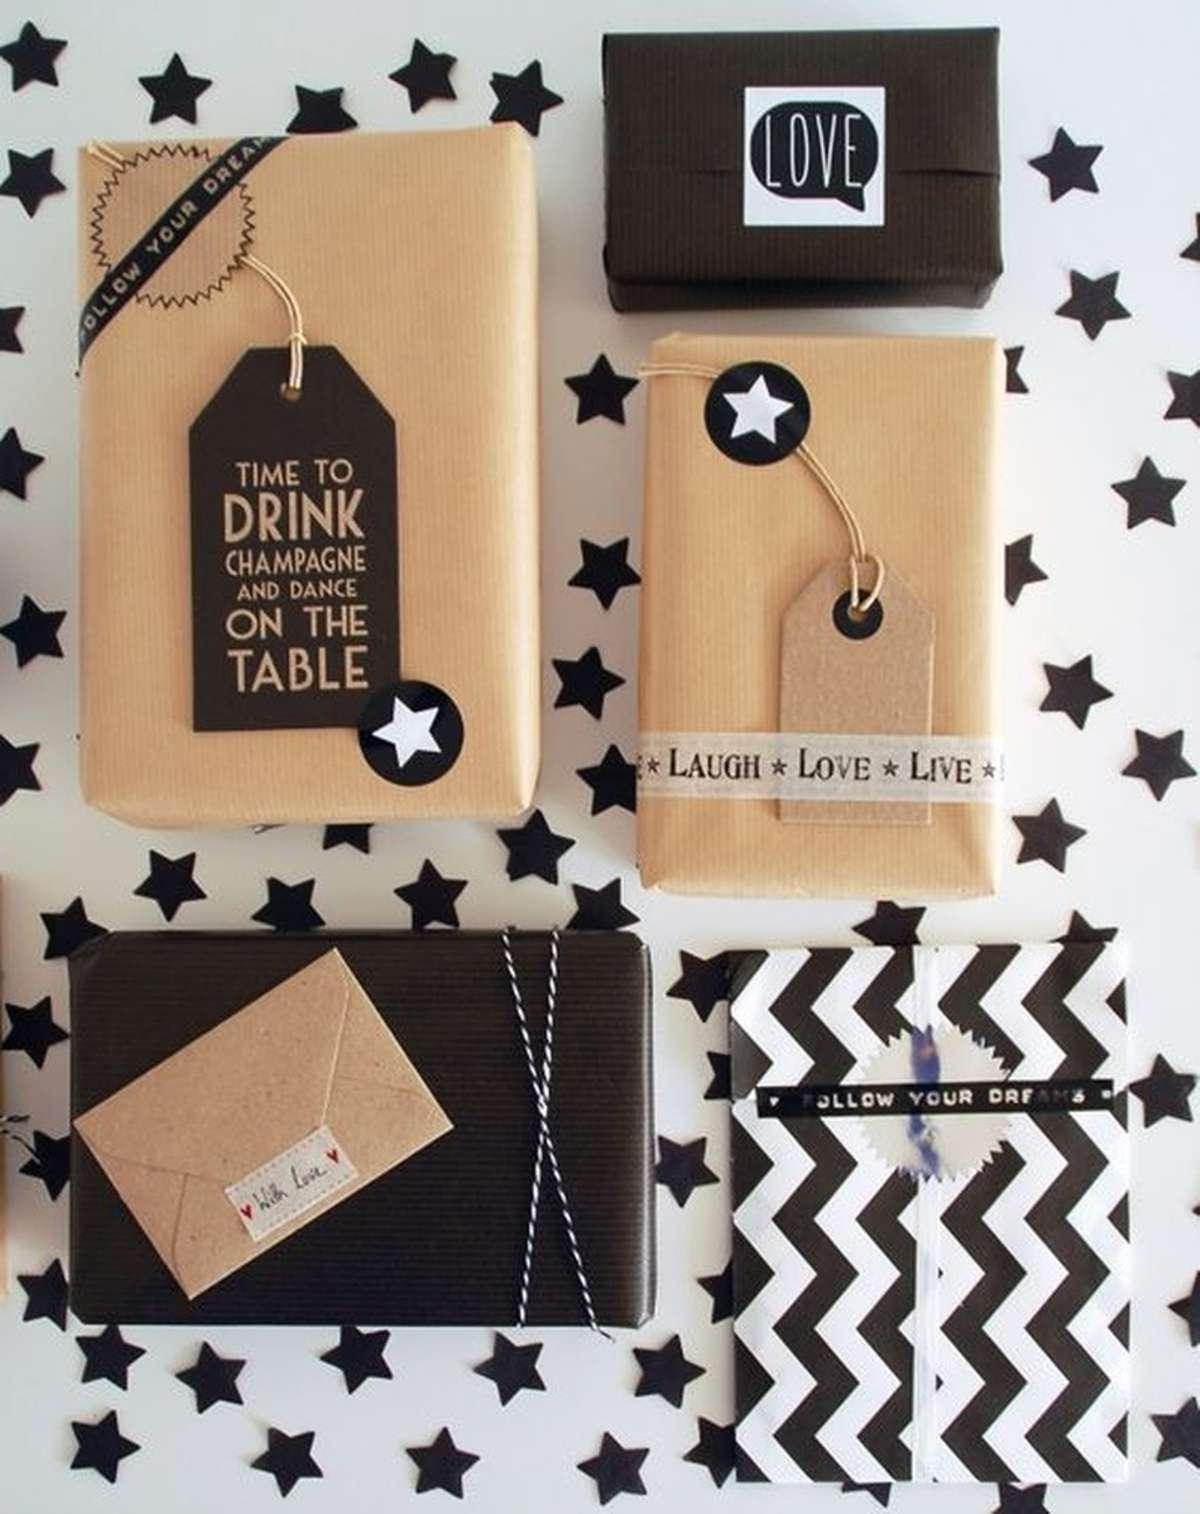 Originales ideas para decorar y envolver los regalos navideños 5